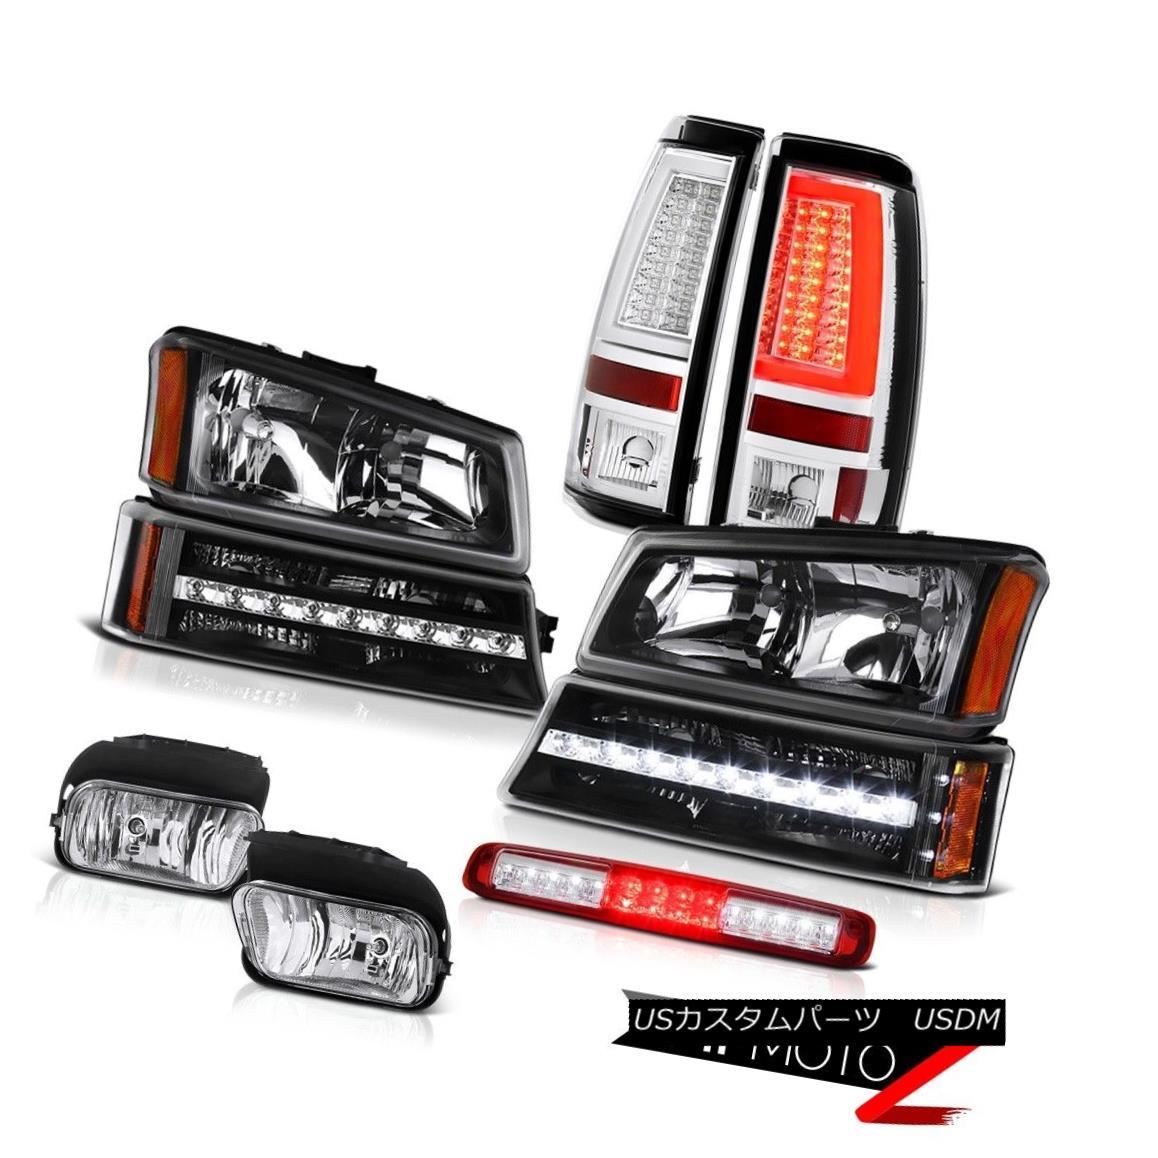 テールライト 03-06 Silverado Taillamps Foglights Roof Cab Lamp Headlights Bumper